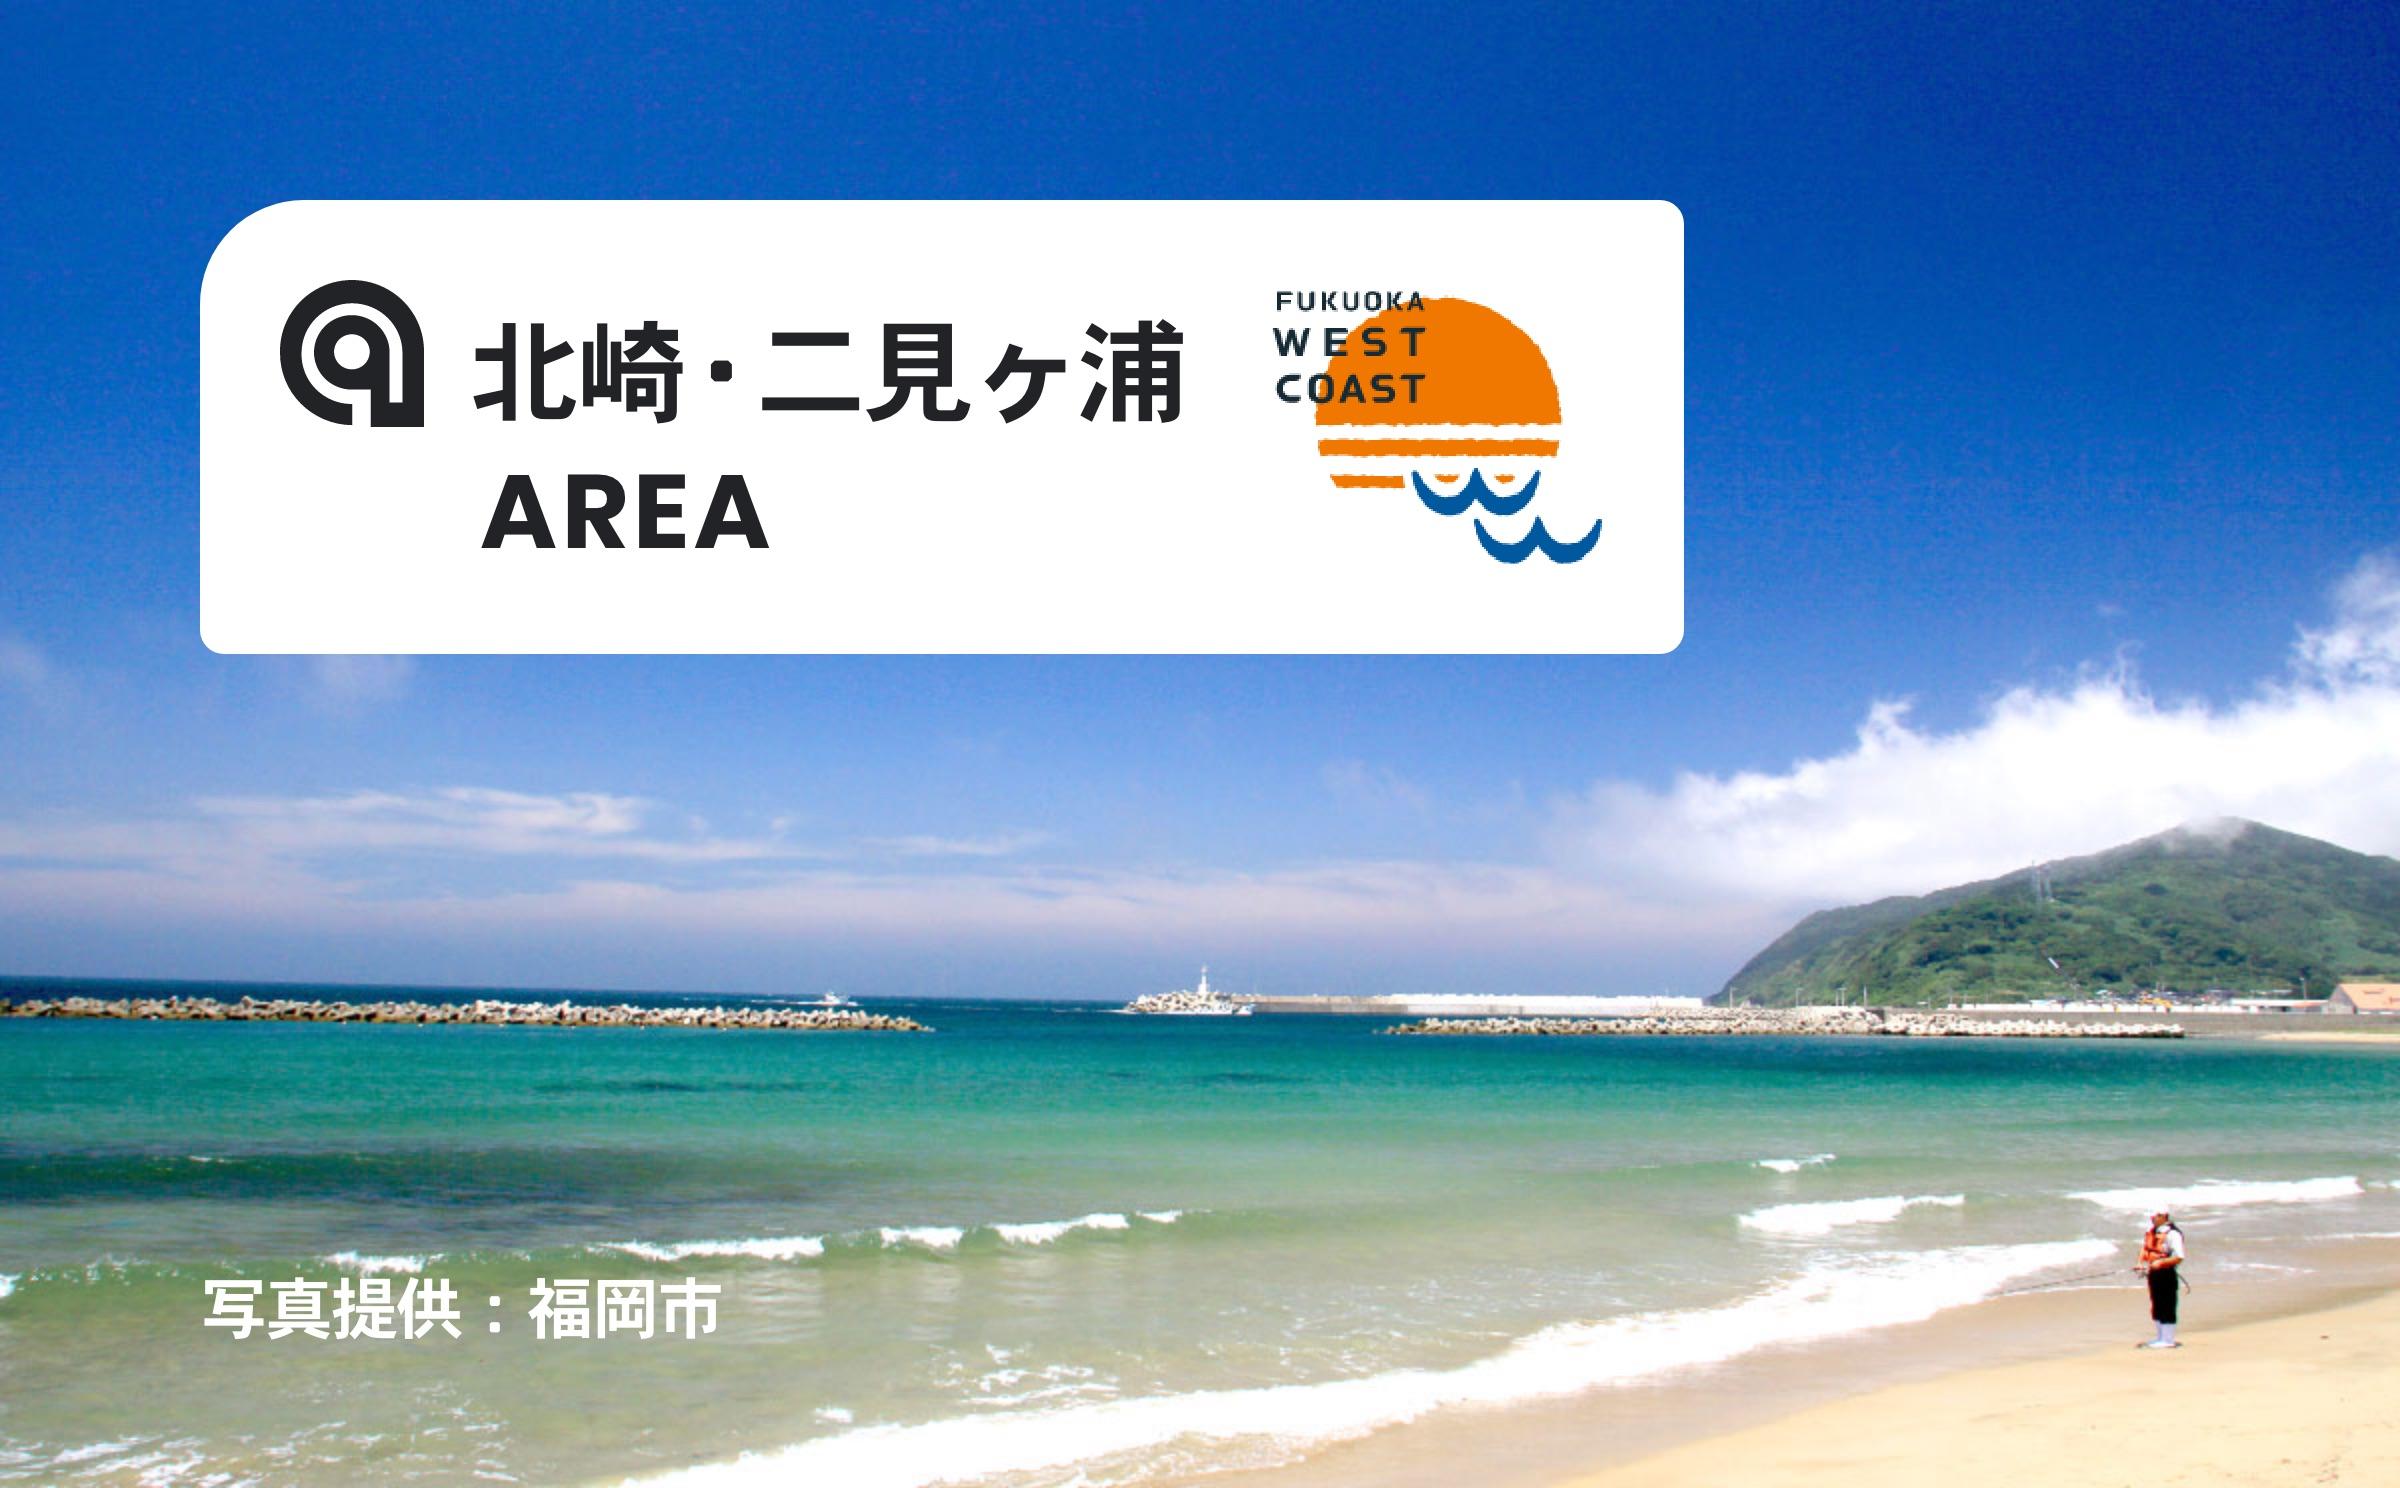 FUKUOKA WEST COAST – 北崎・二見ヶ浦エリア